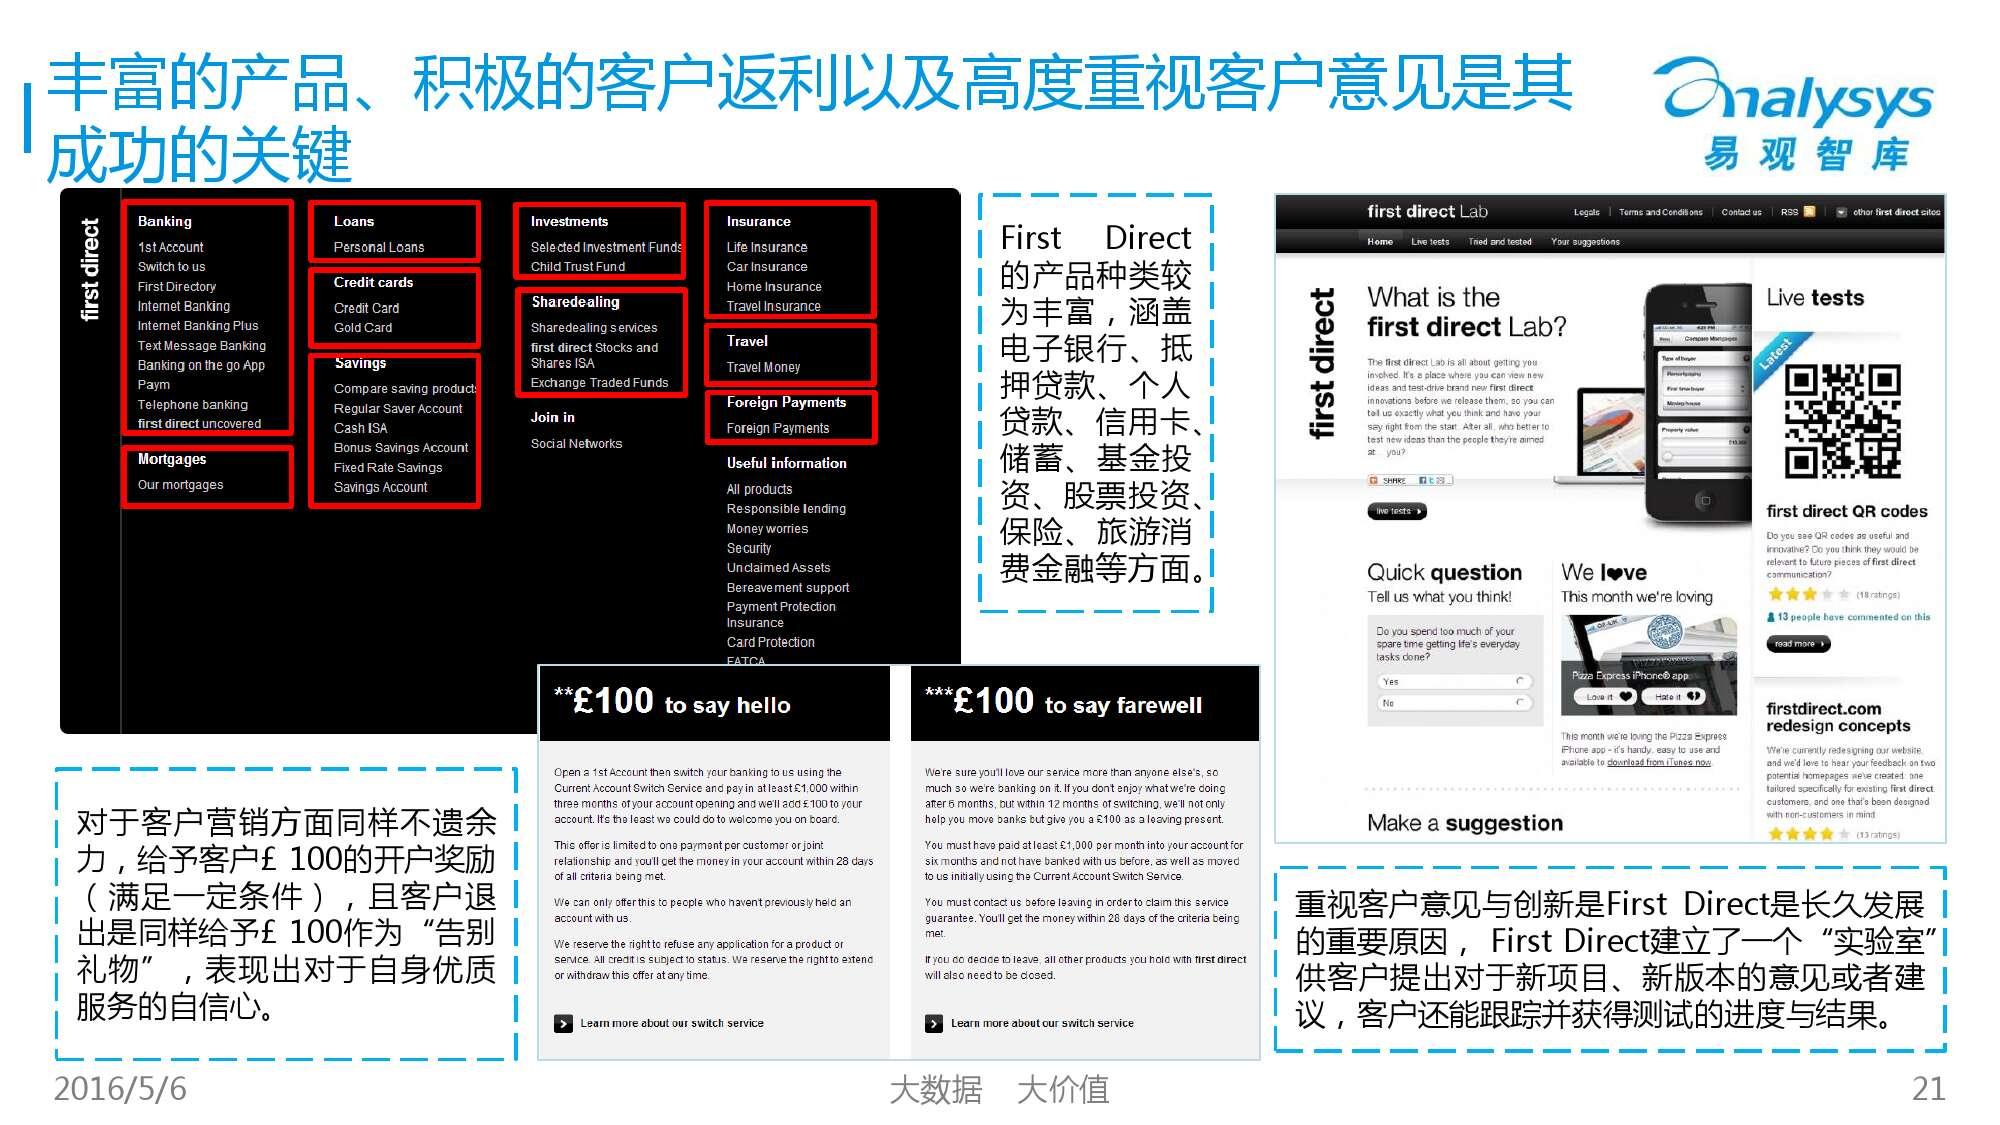 2016年中国直销银行市场专题研究报告_000021